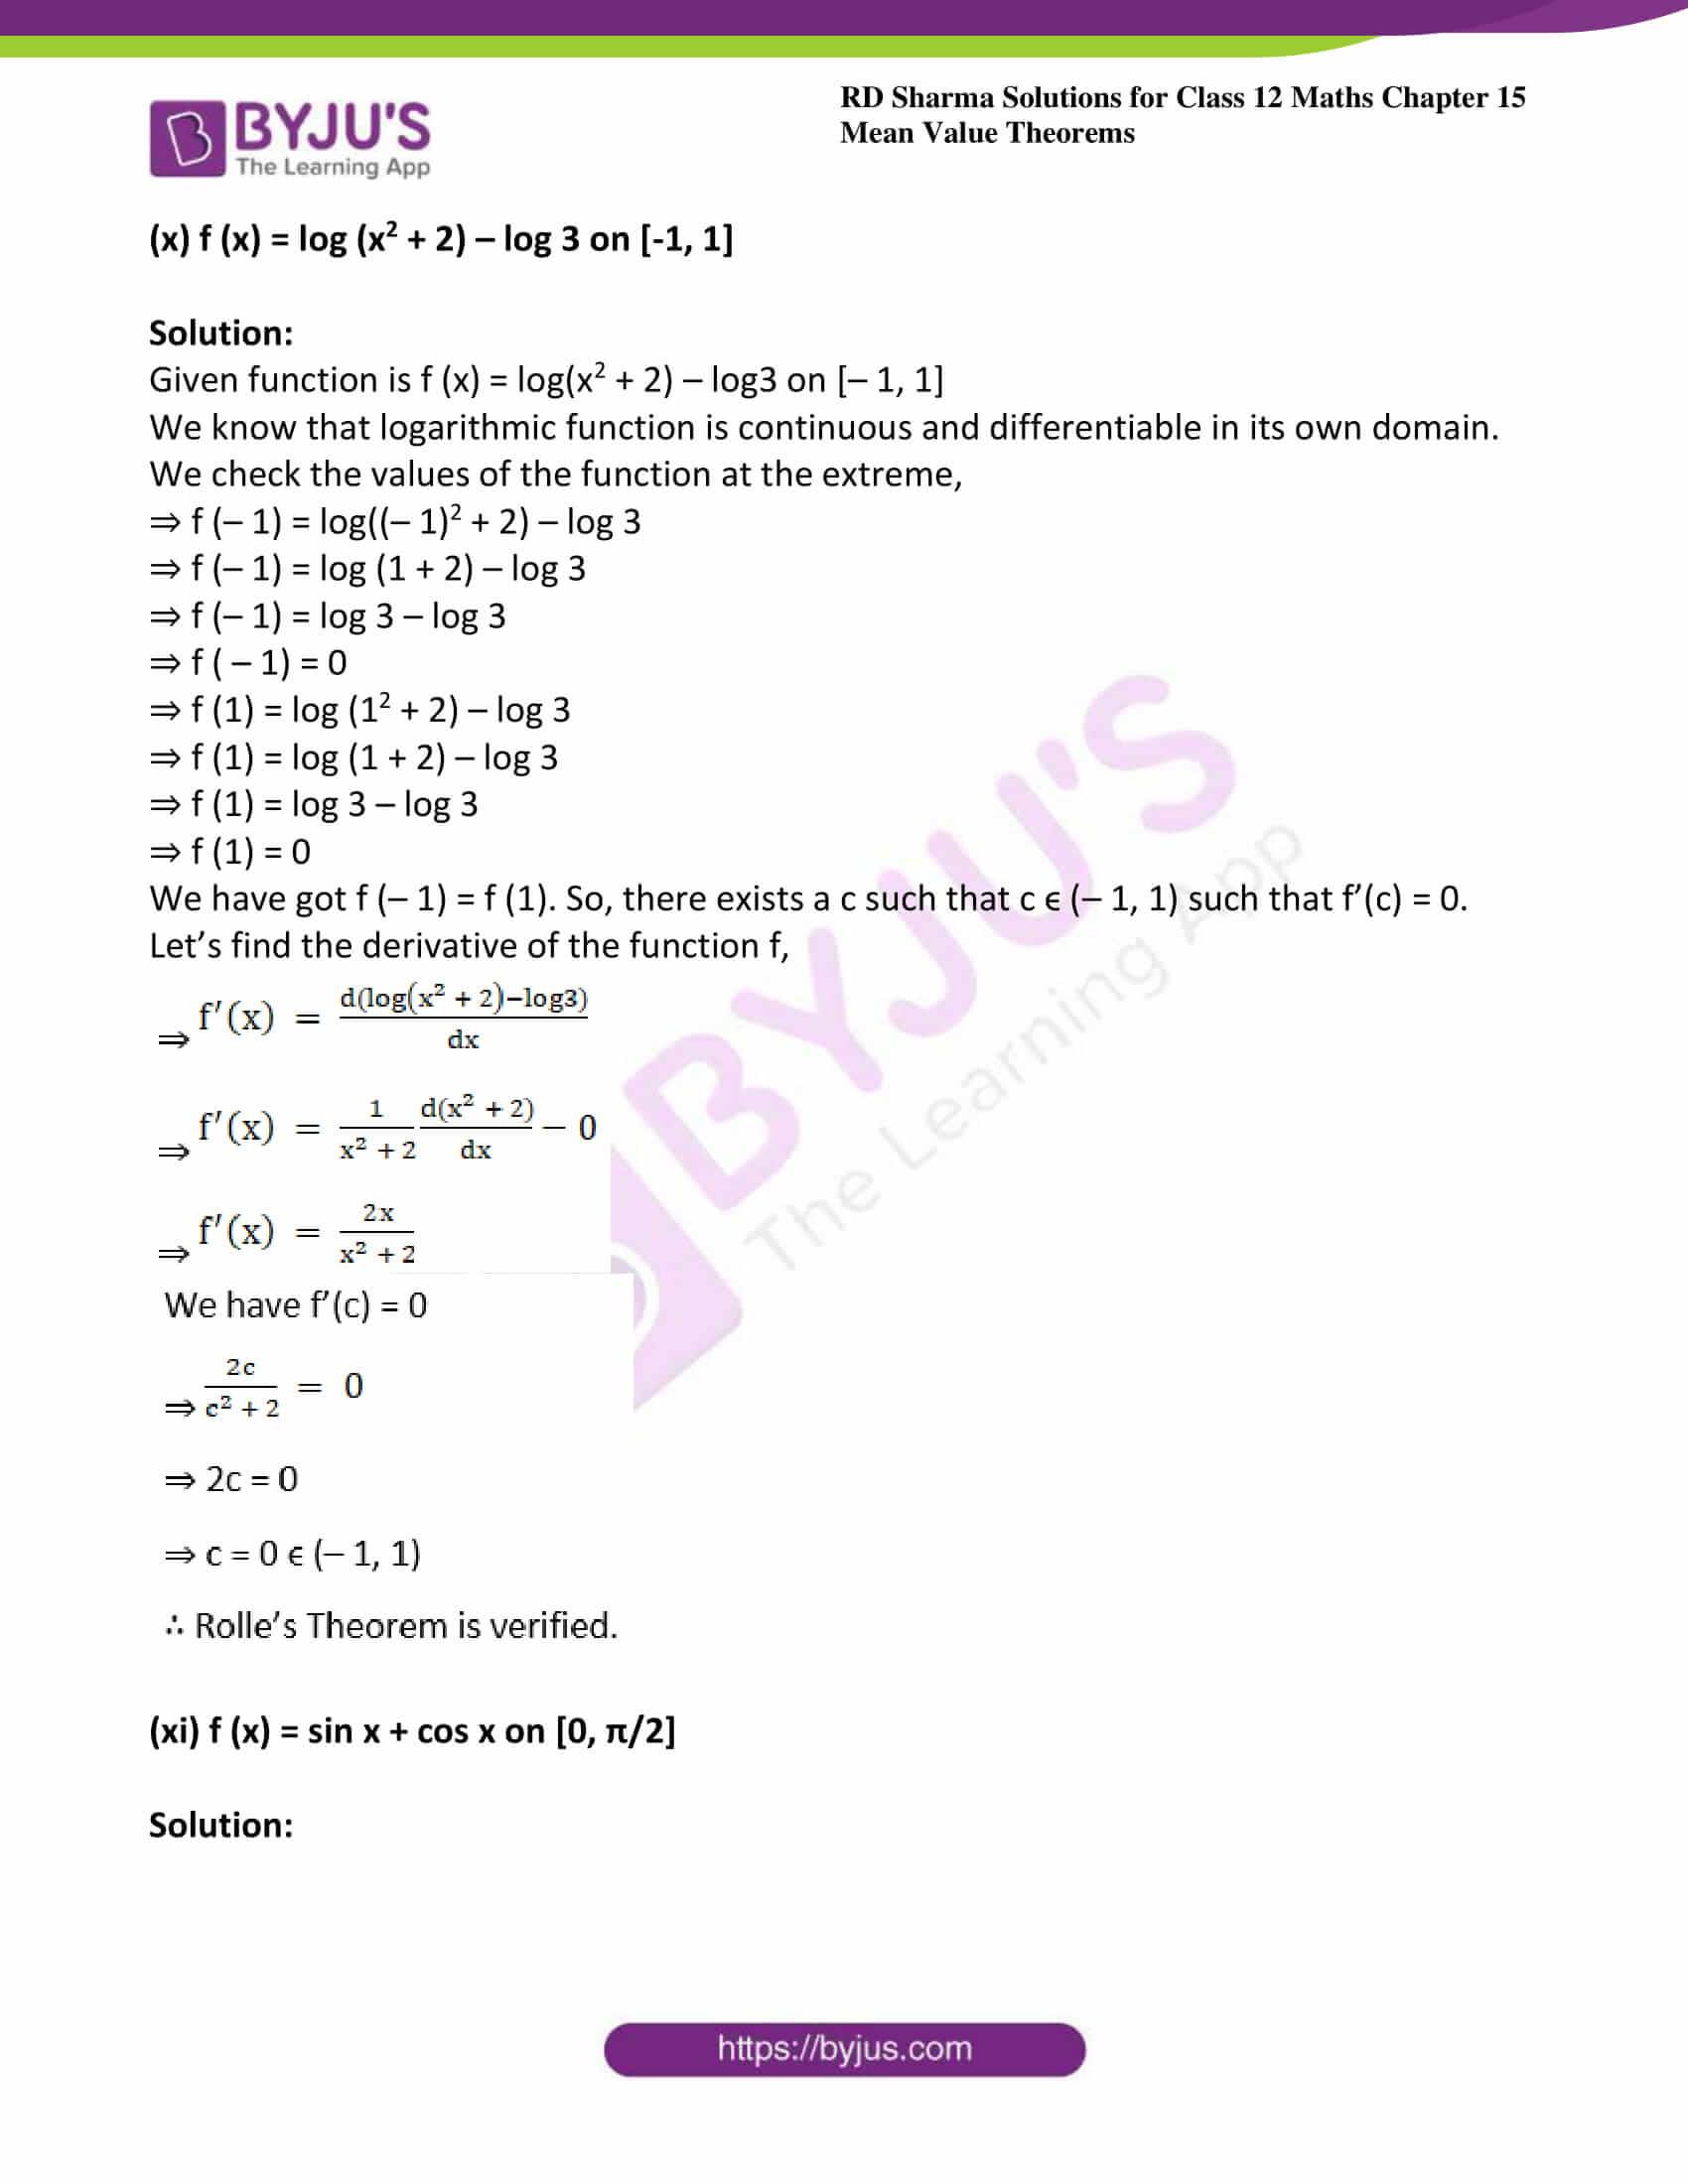 rd sharma class 12 maths solutions chapter 15 ex 1 26